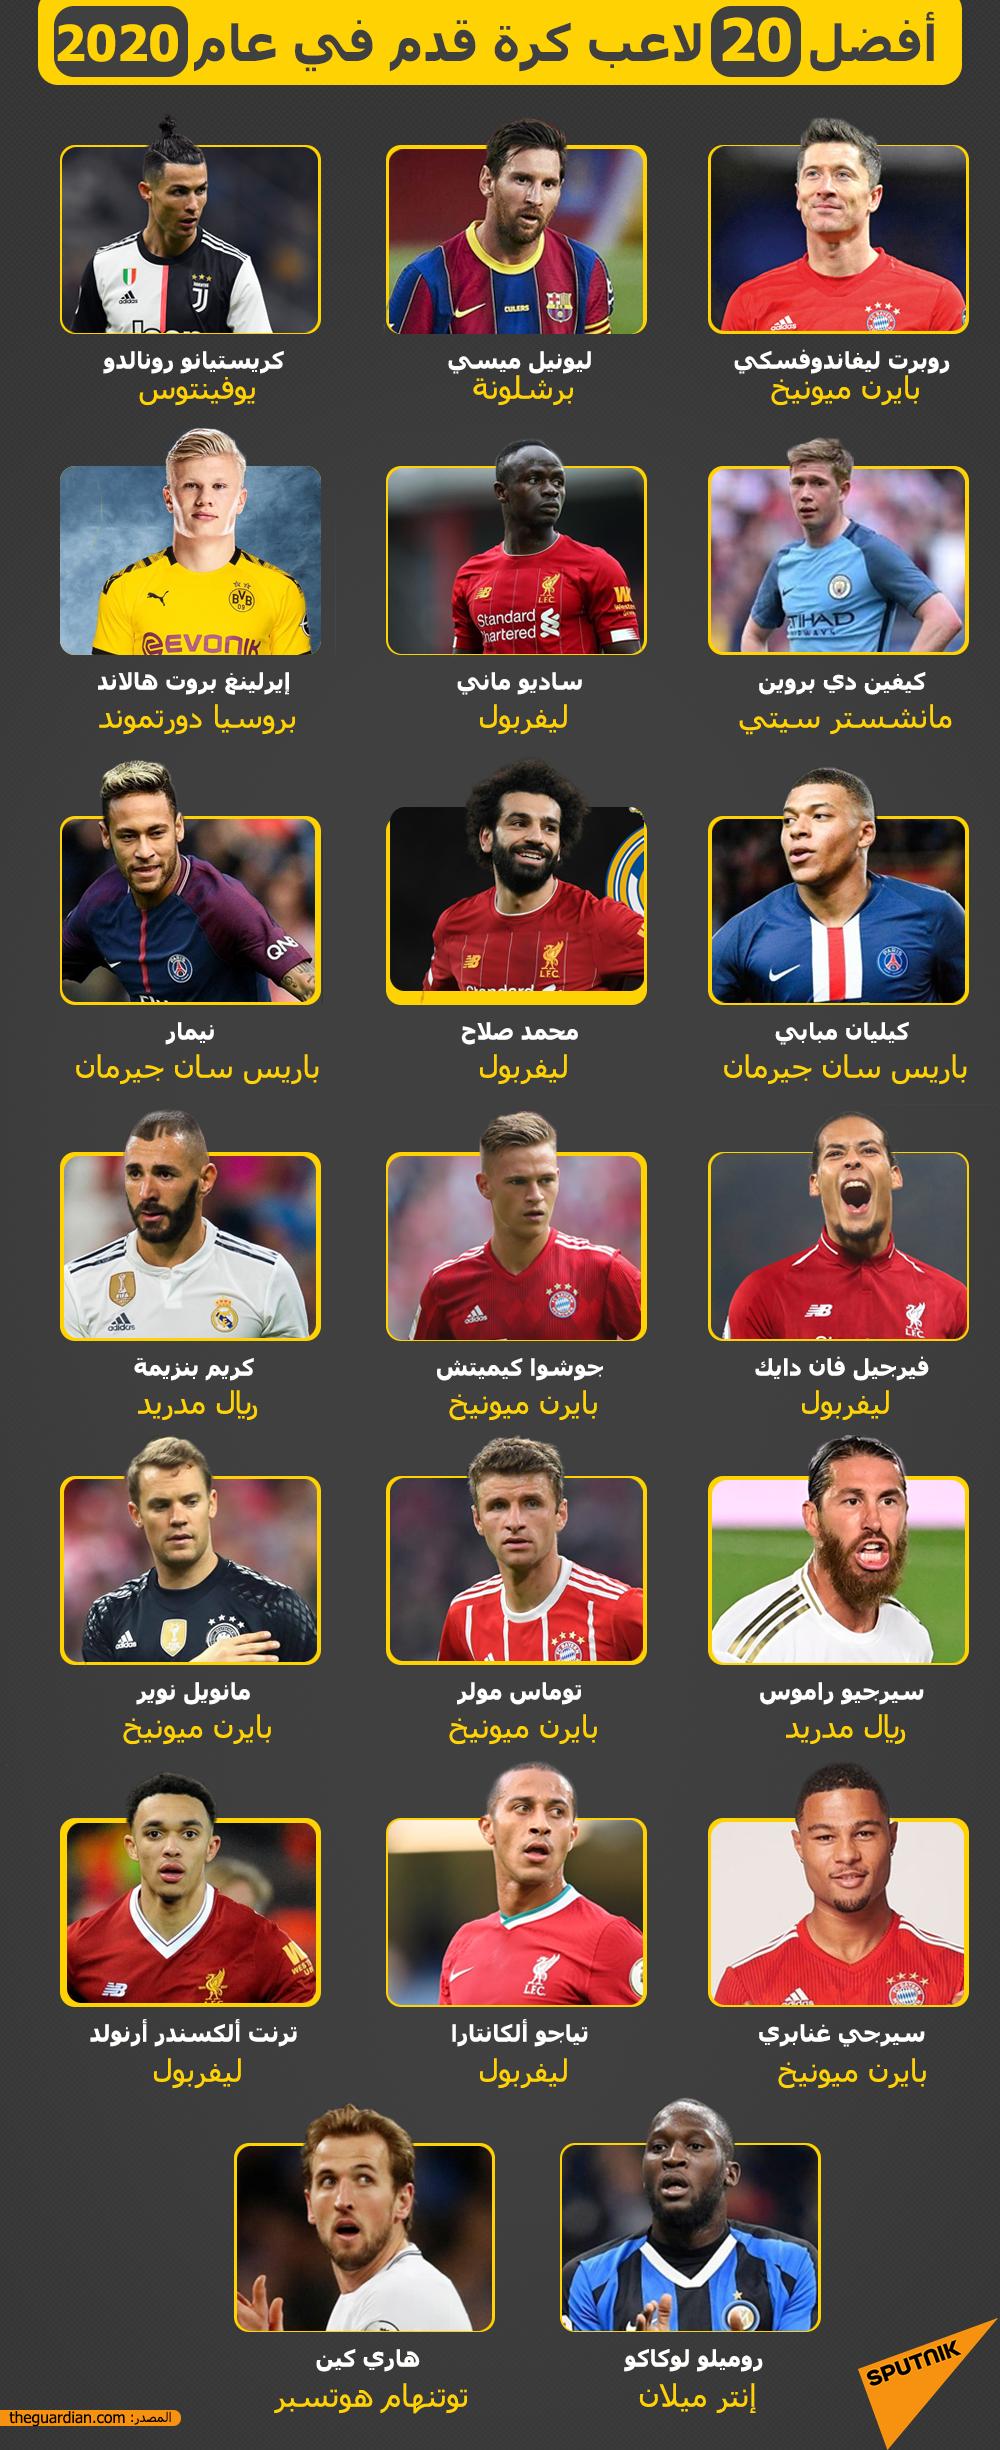 أفضل 20 لاعب كرة قدم في عام 2020